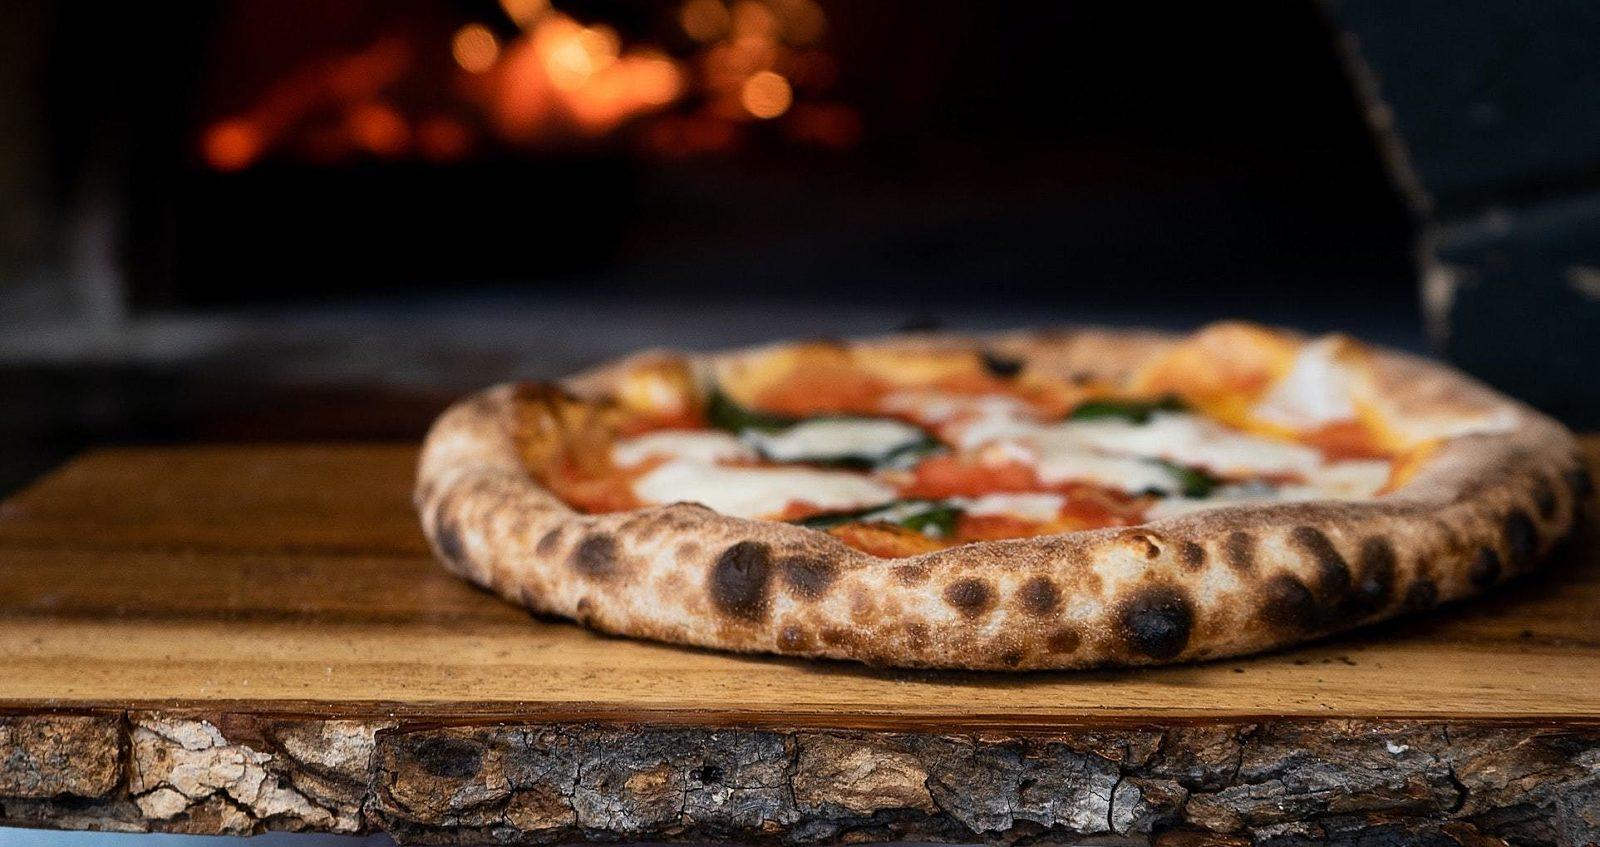 Pizzeria supplies header